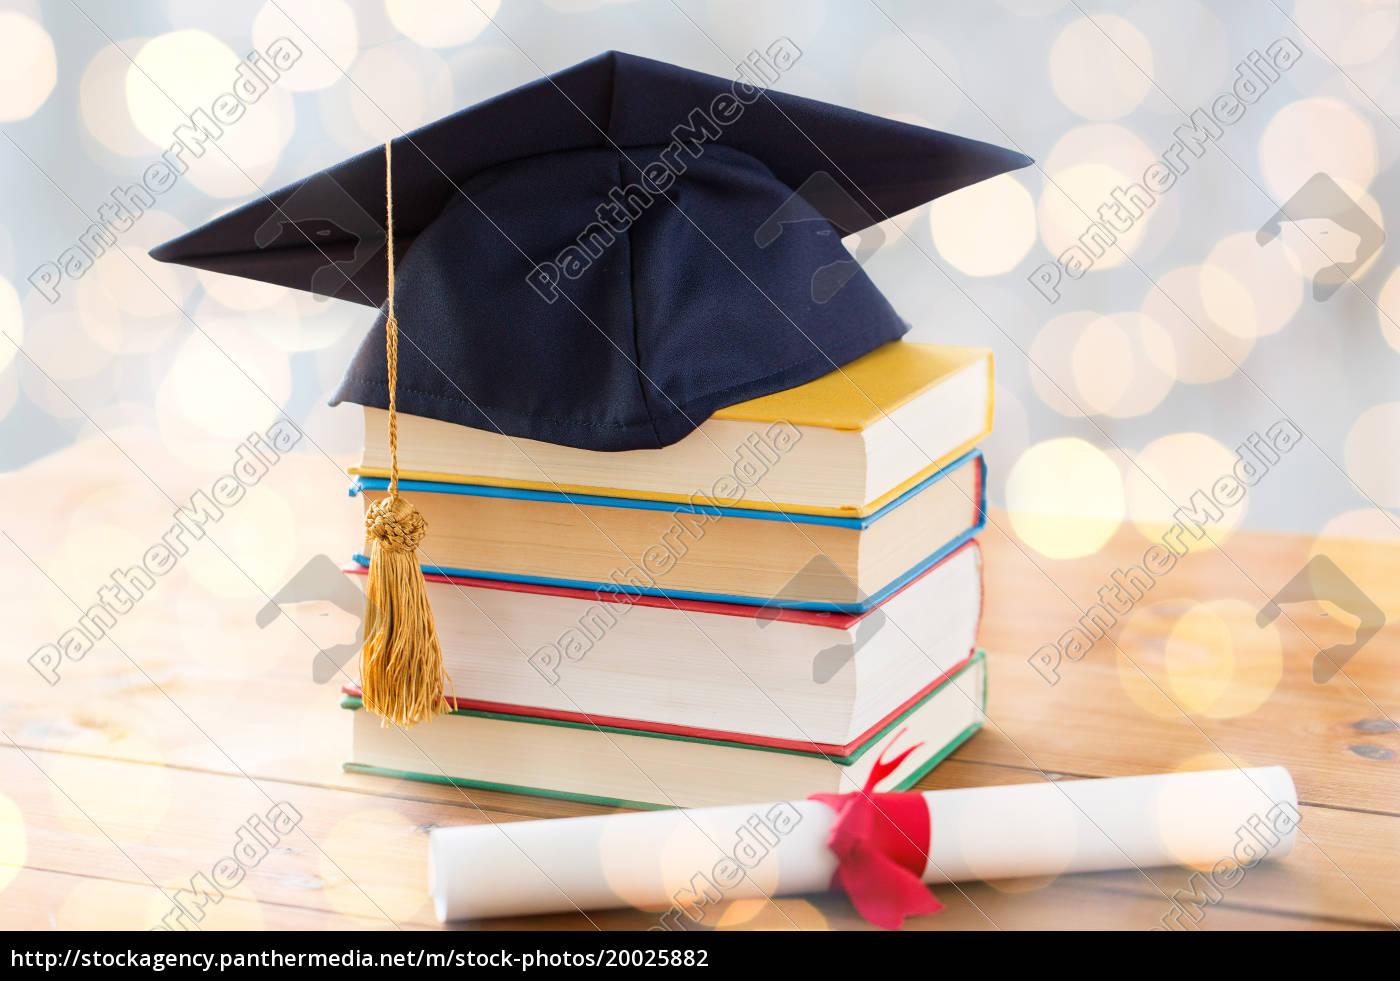 großaufnahme, von, büchern, mit, diplom, und - 20025882